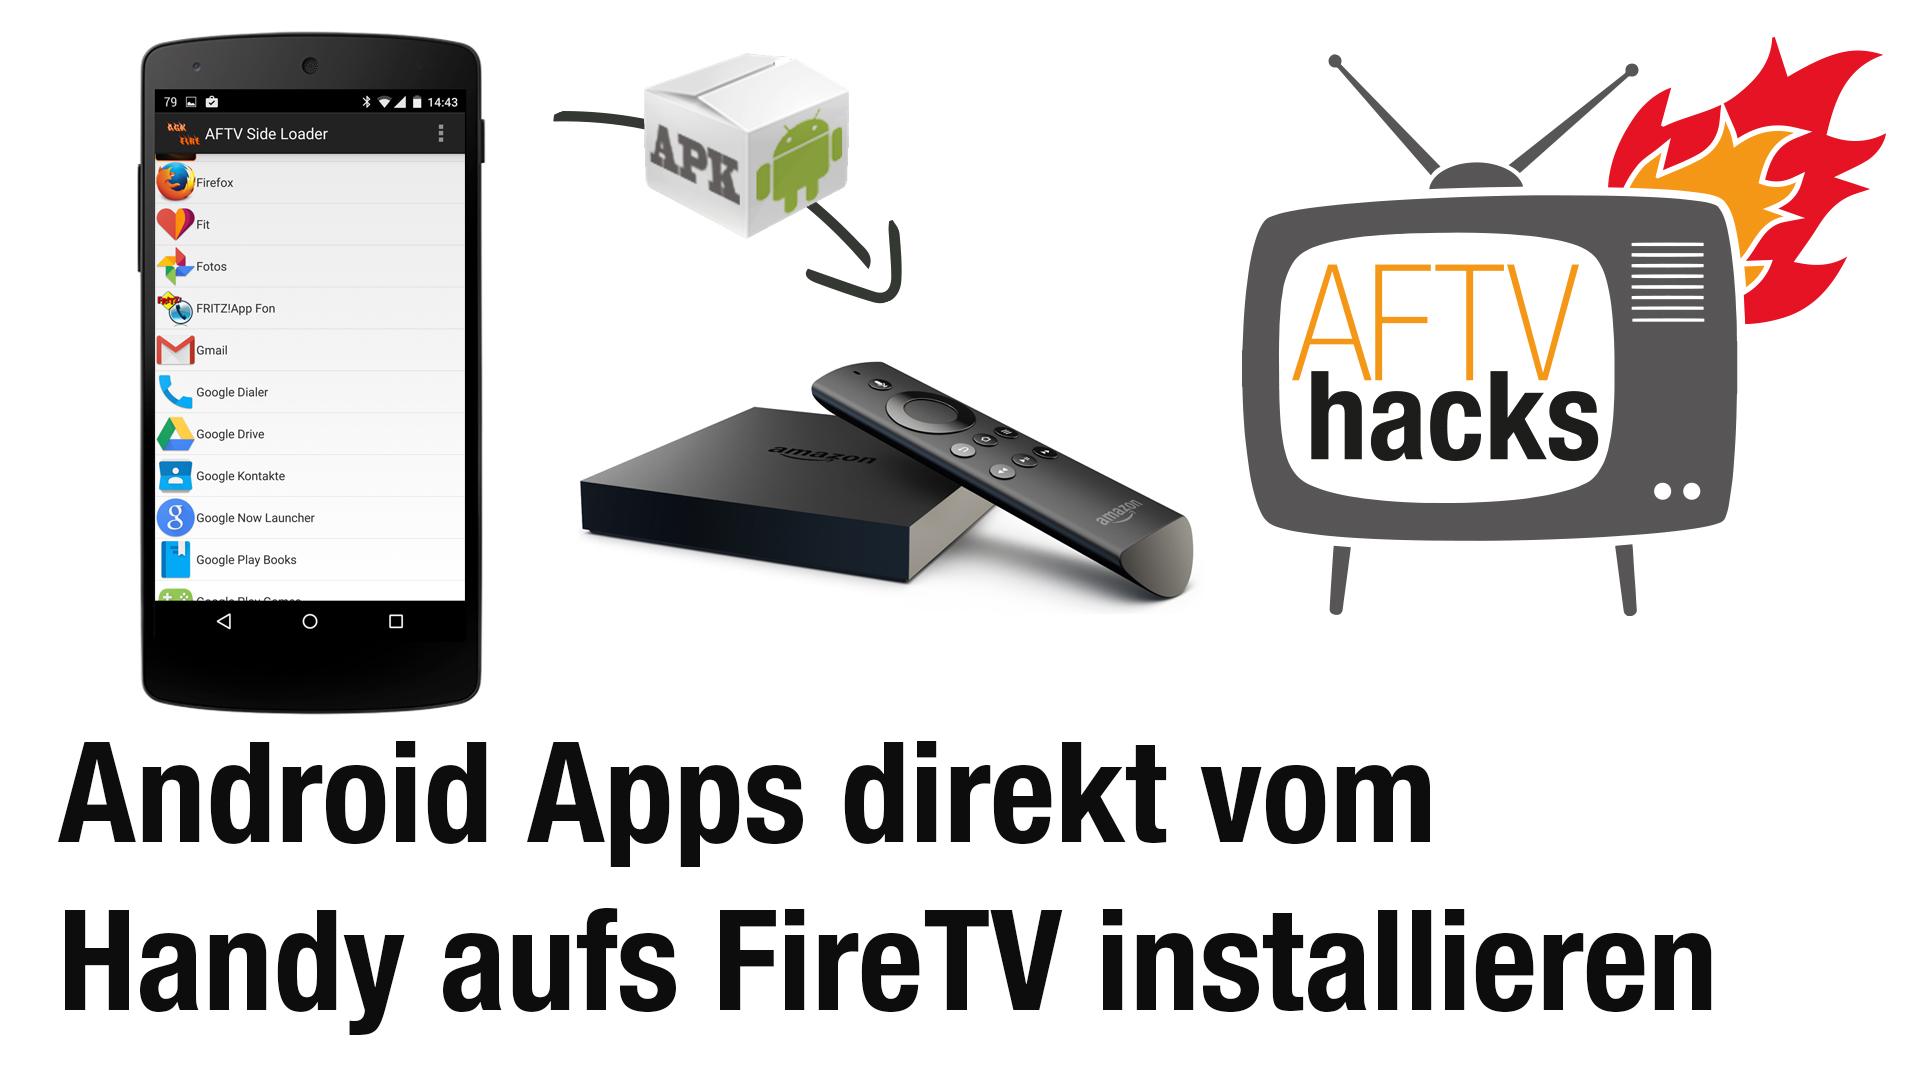 Anwendungen direkt vom Android-Gerät auf dem Fire TV installieren – mit AGK Fire